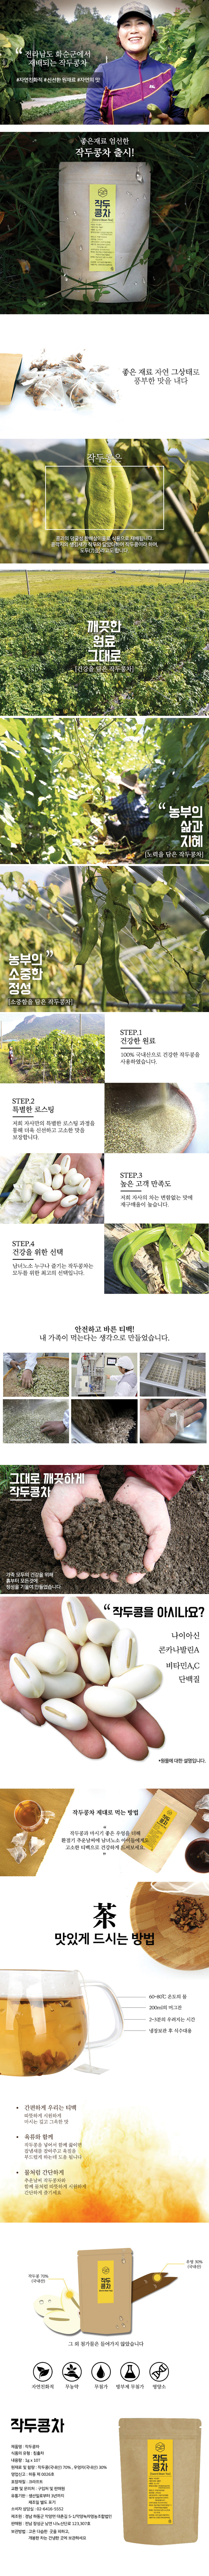 한유 작두콩차 티백형 - 한국유기농, 2,900원, 차, 우롱차/전통차/한방차